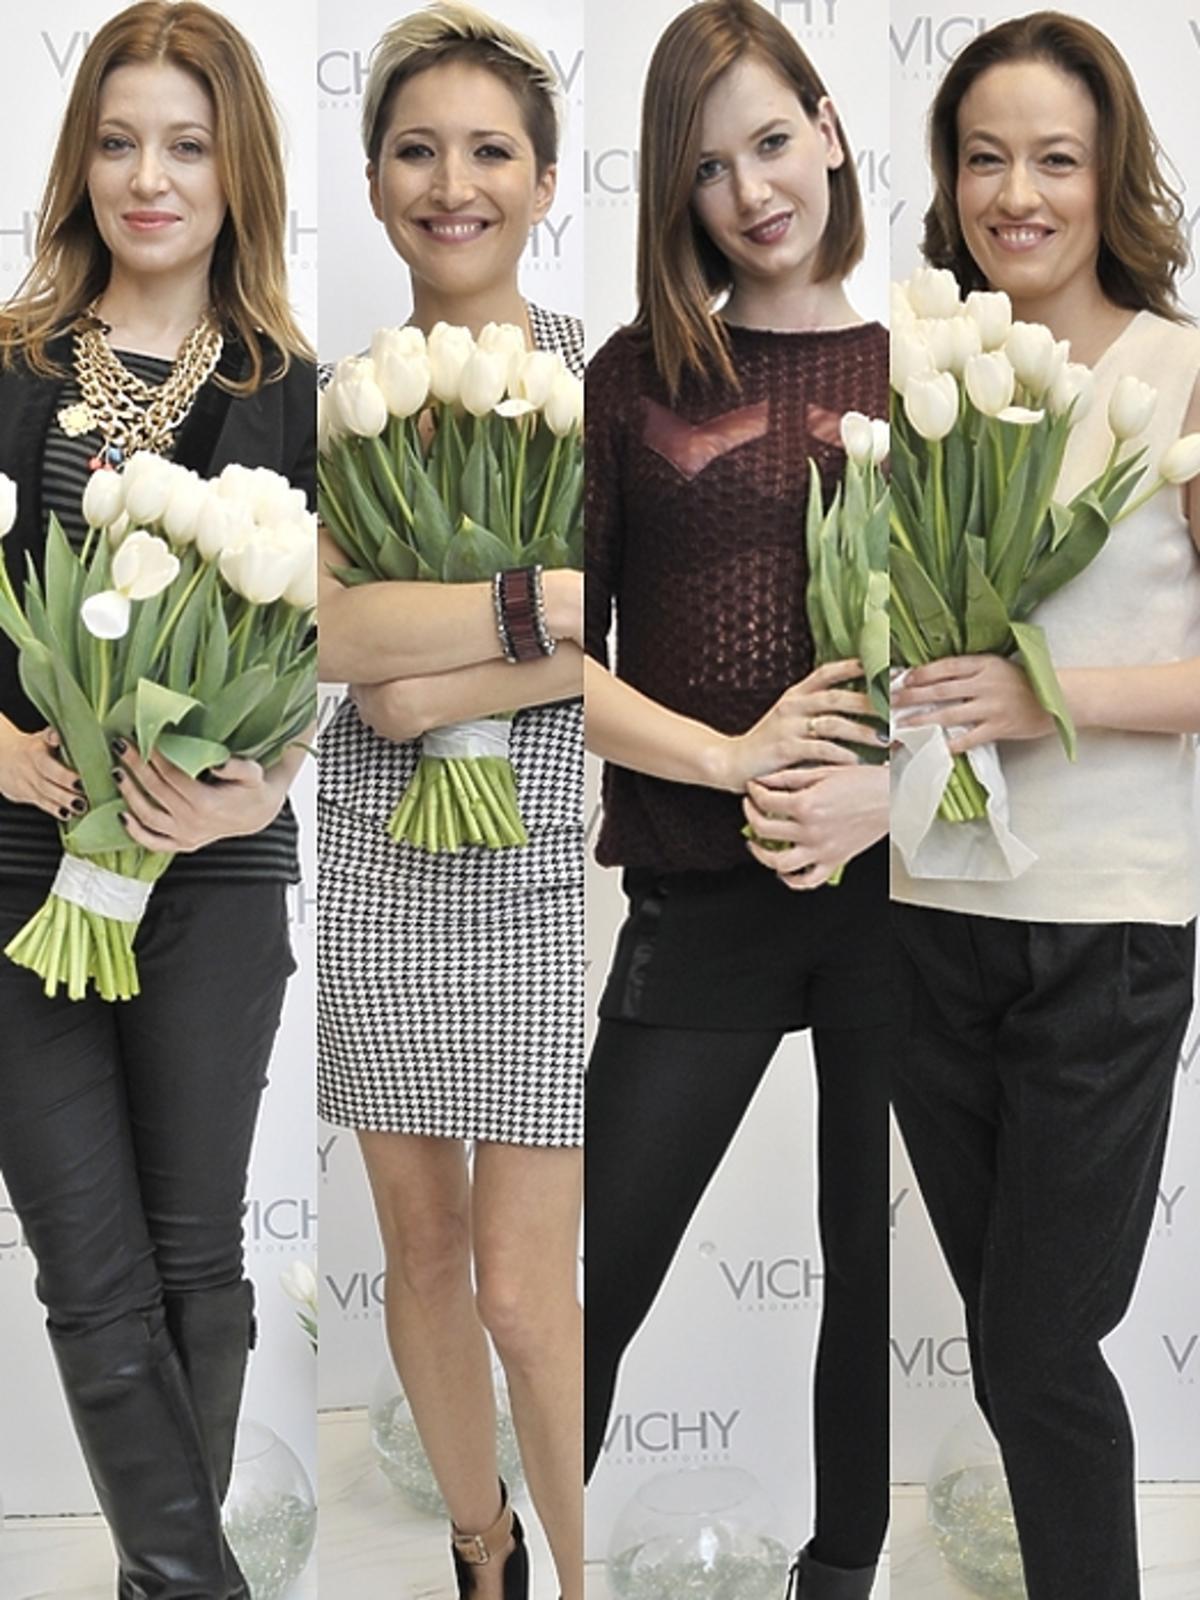 Gwiazdy z tulipanami na konferencji Vichy